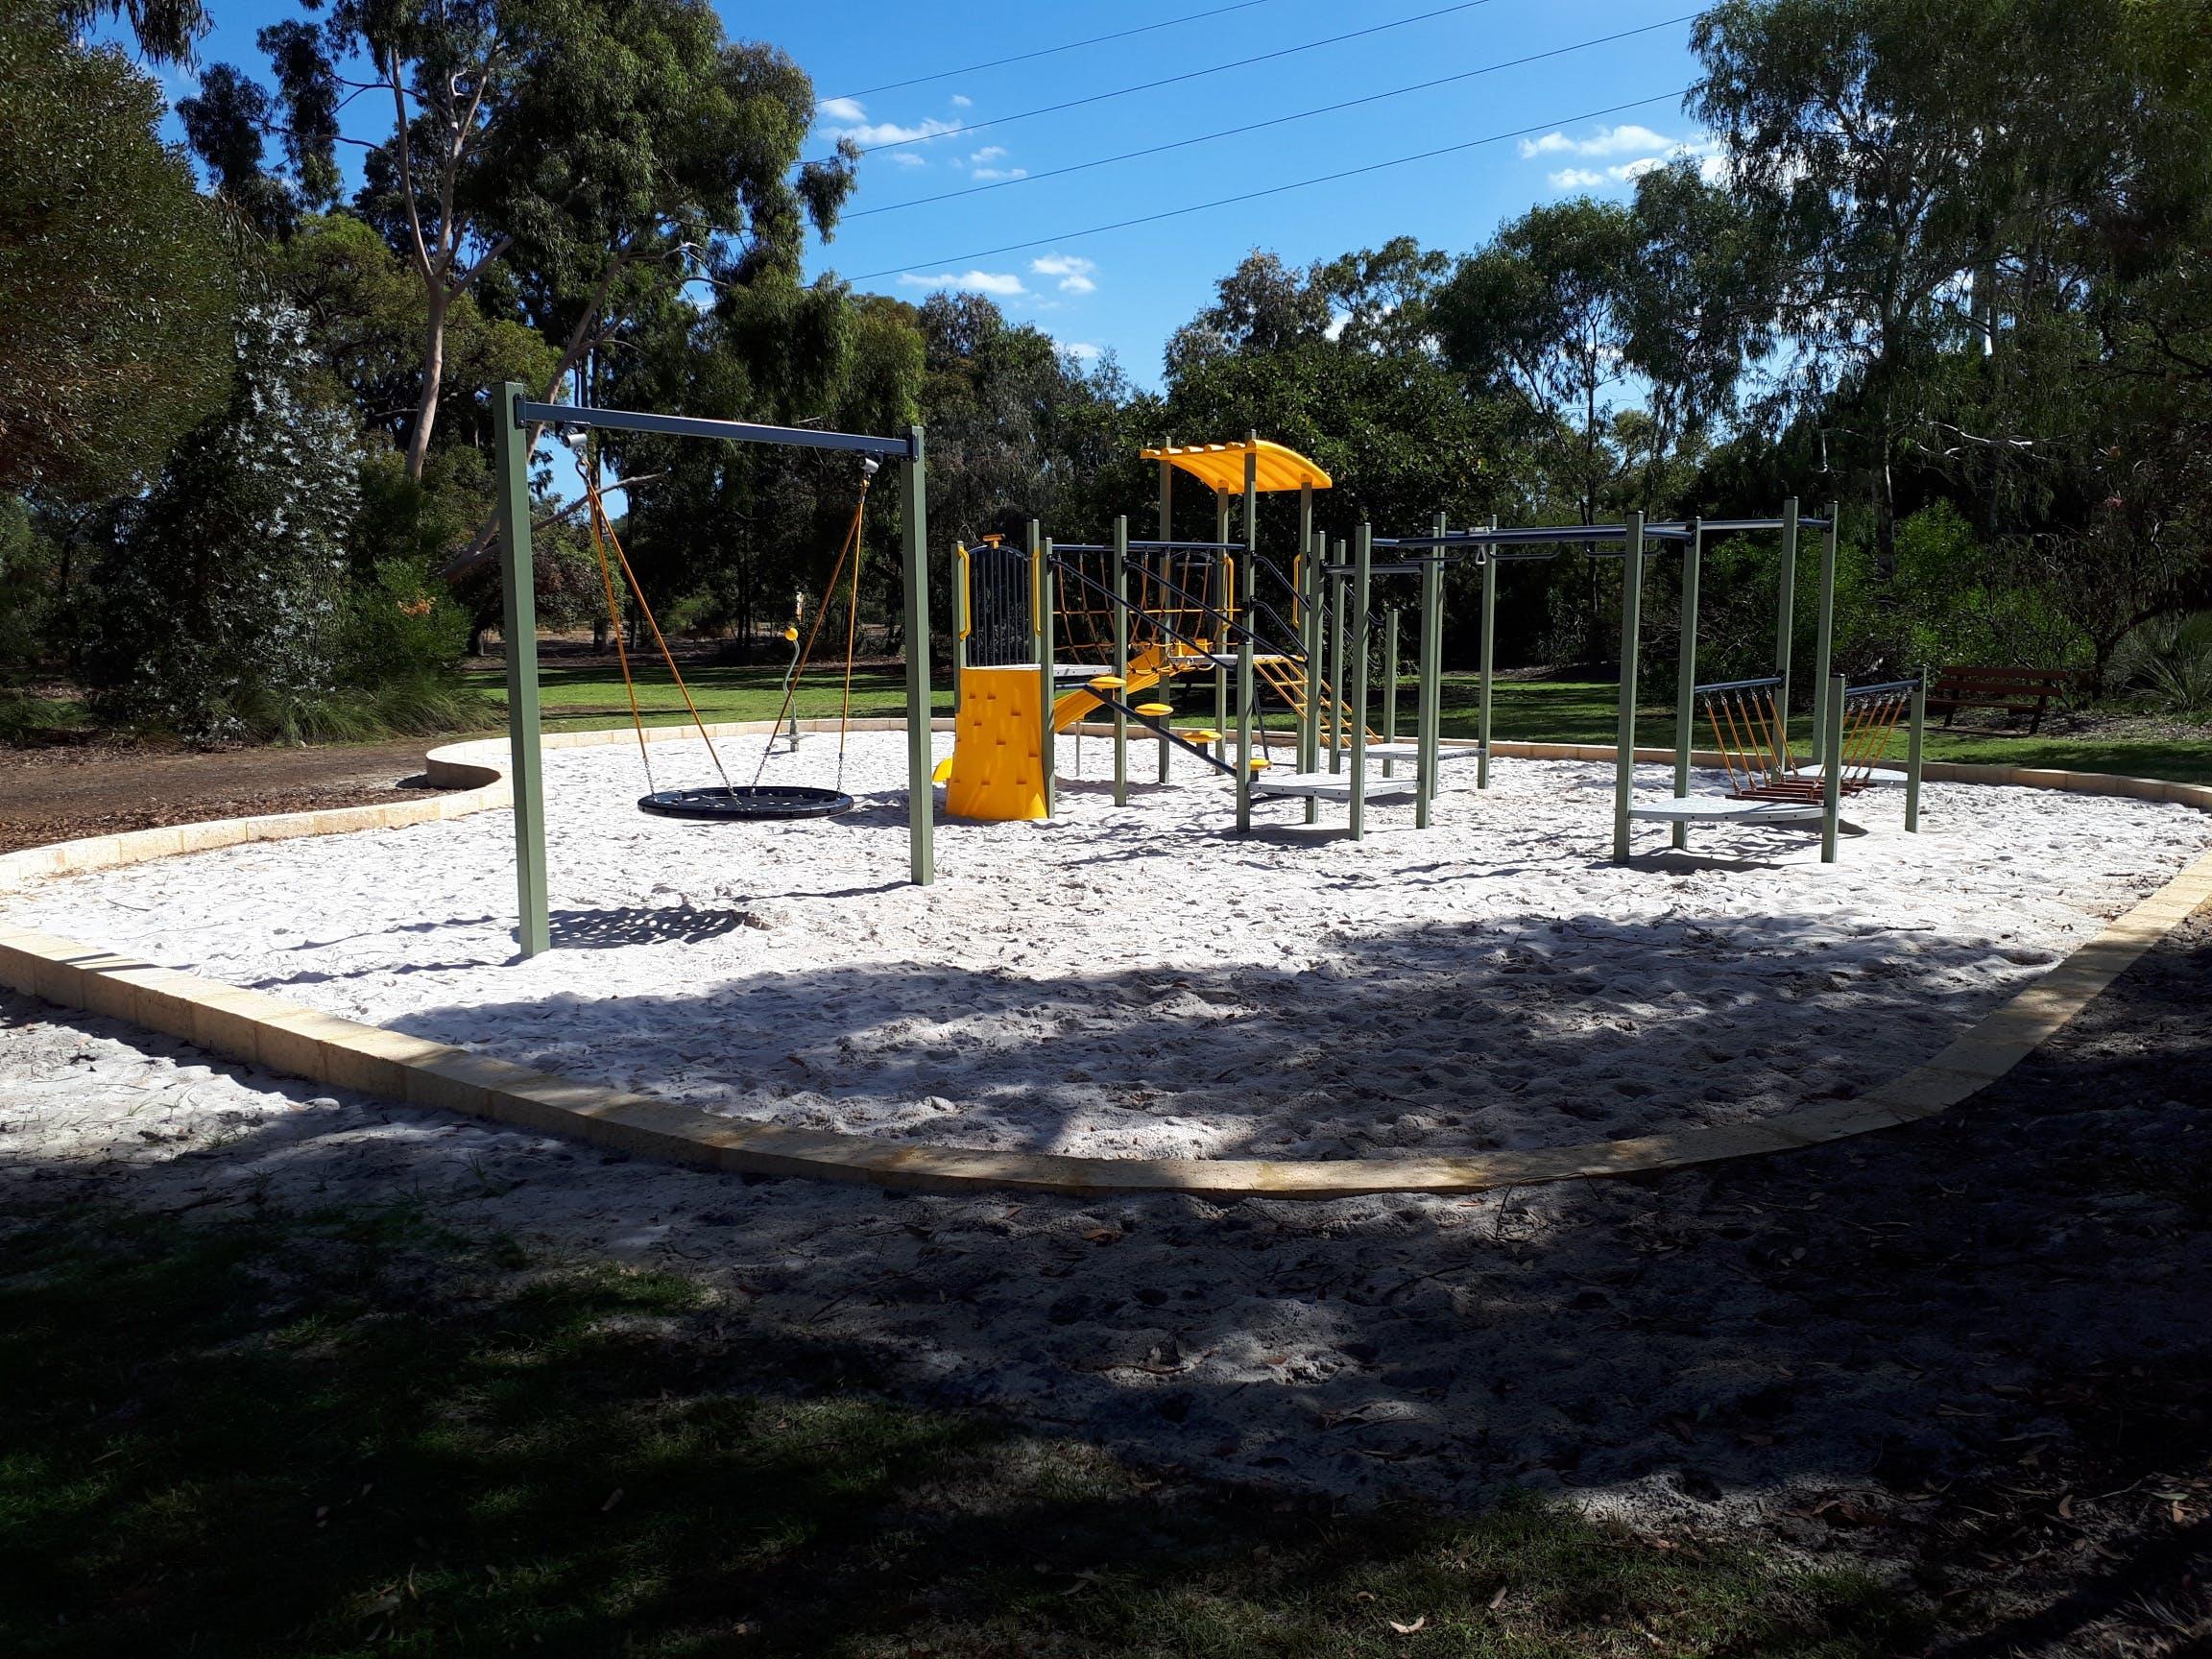 Bohemia Park - Playground